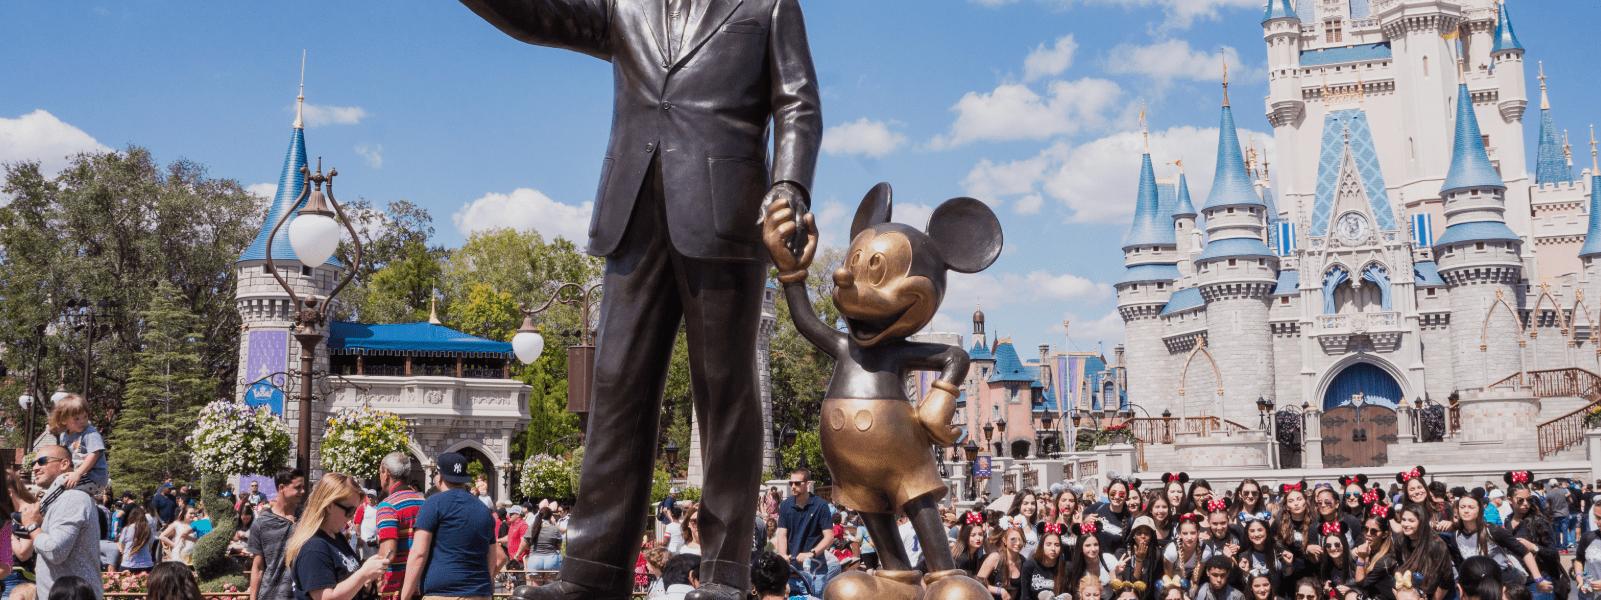 Conoce Disneyland